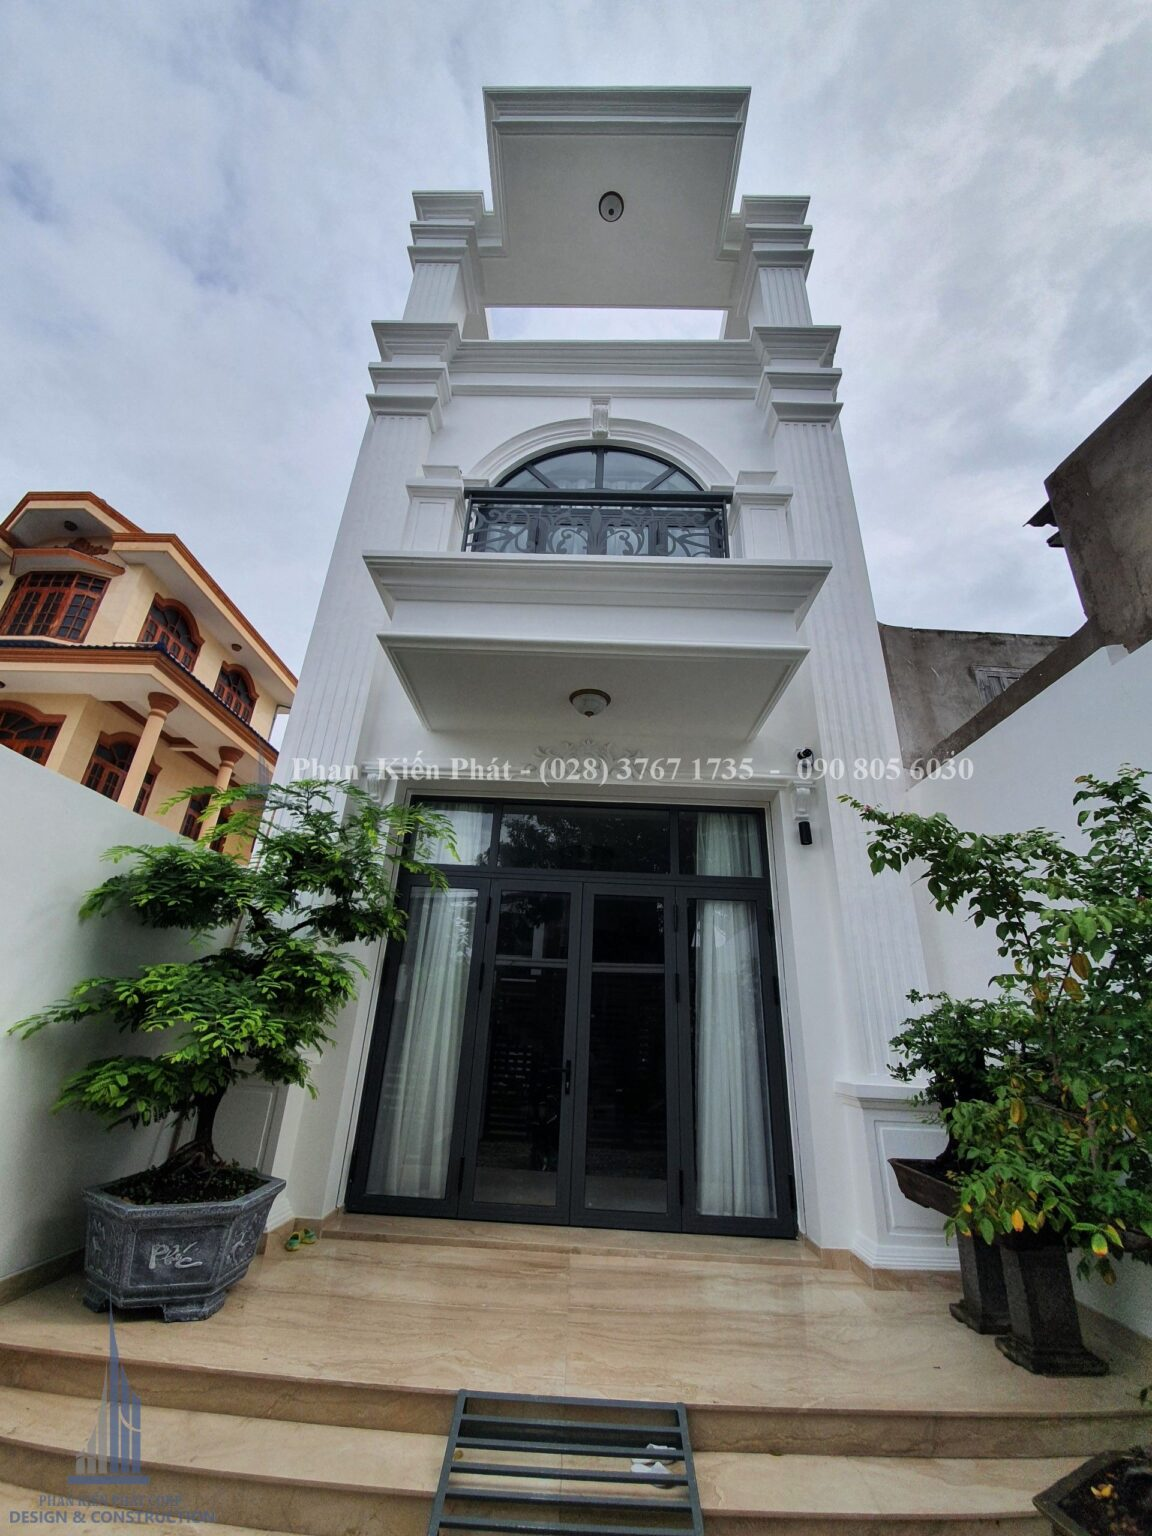 Hoan Thien Cong Trinh Nha Pho Co Dien Phan Thiet 4 1152x1536